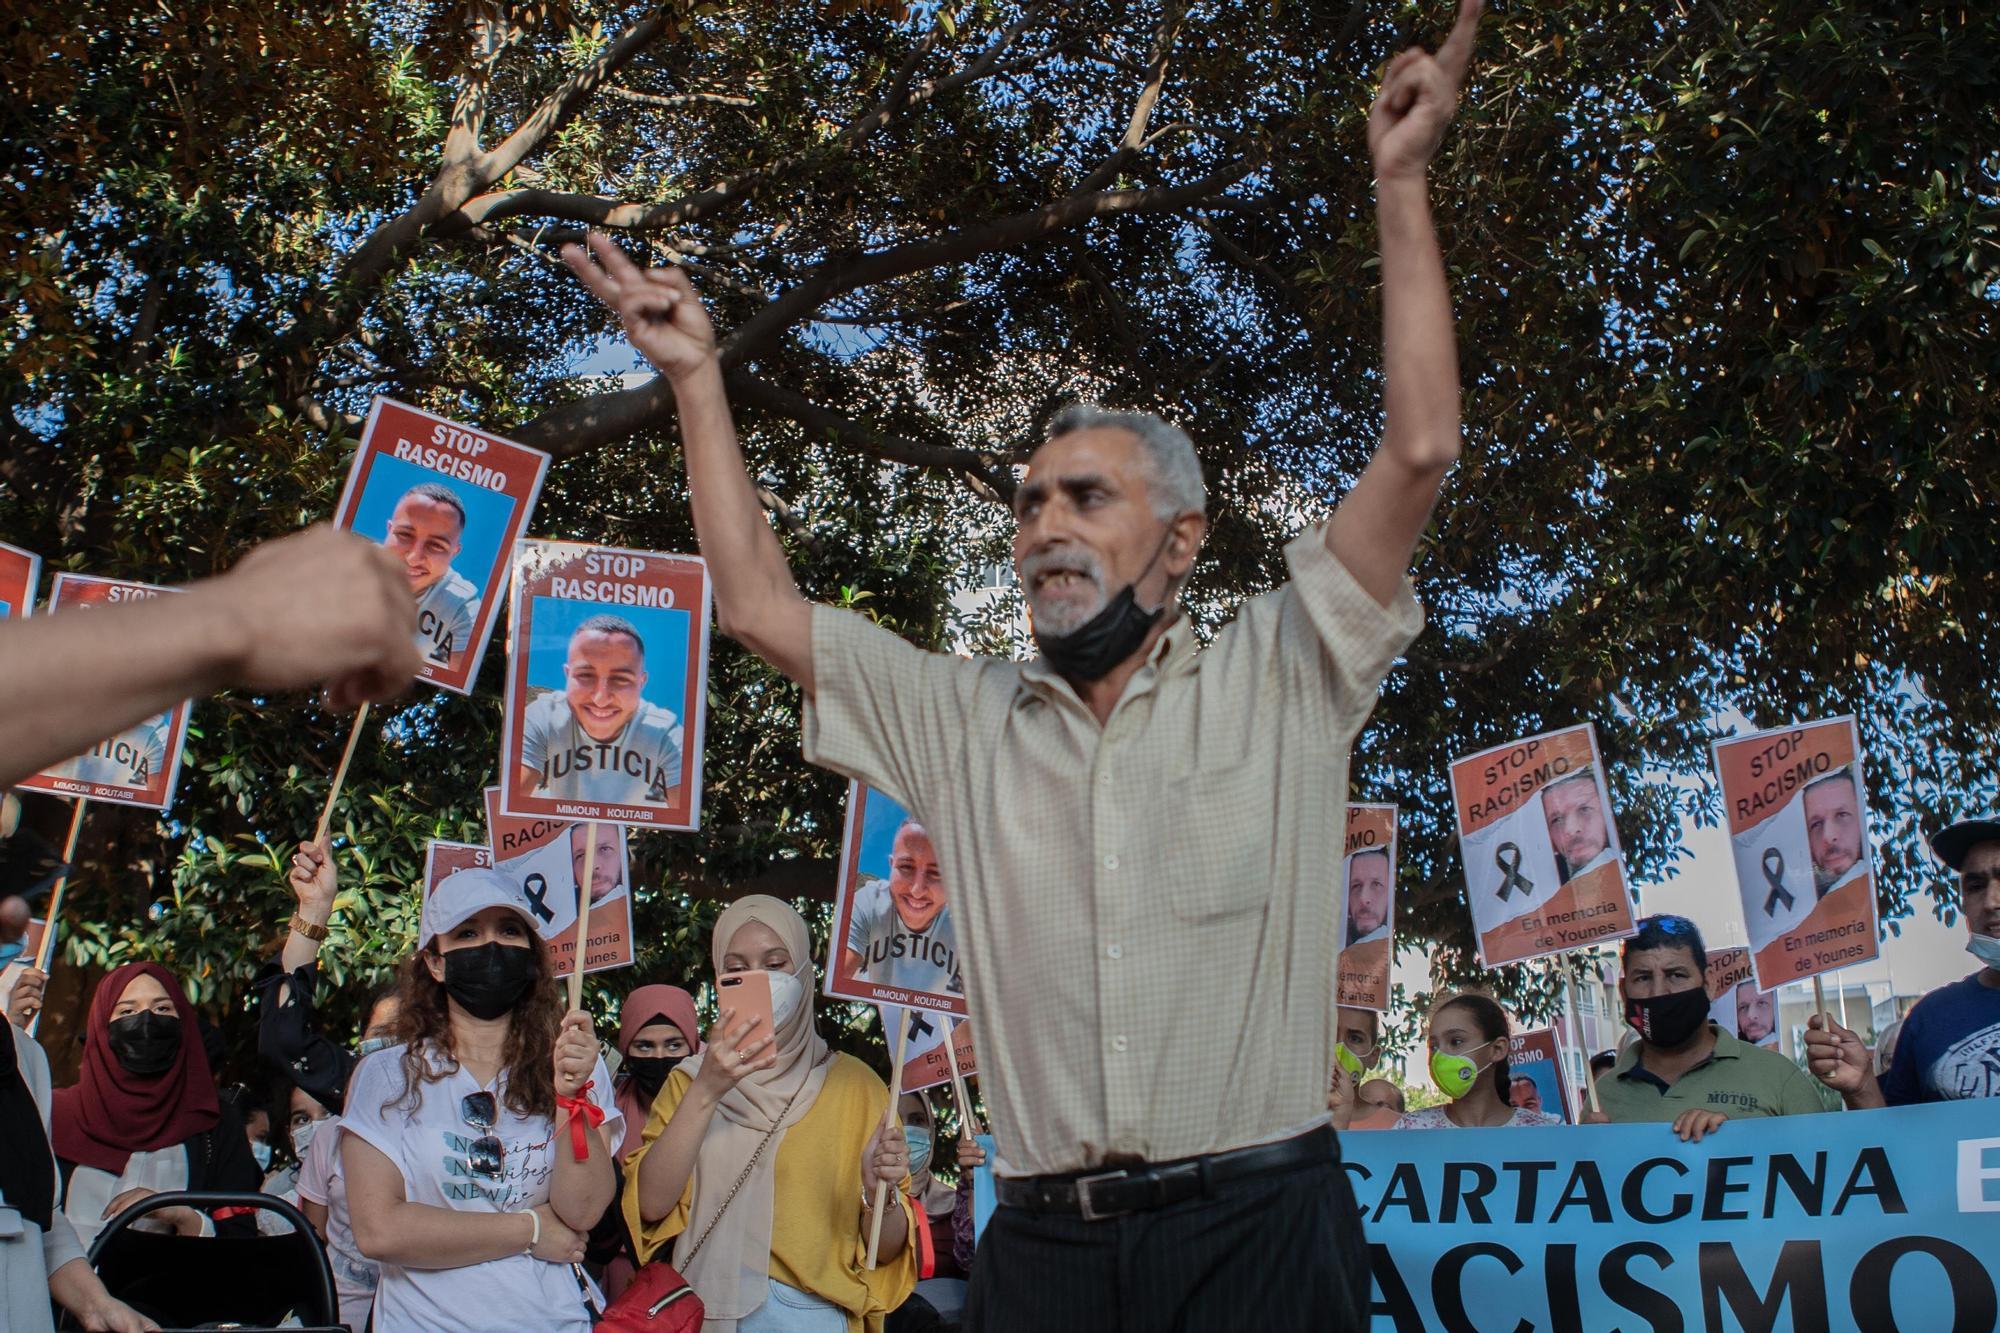 Manifestación contra el racismo en Cartagena